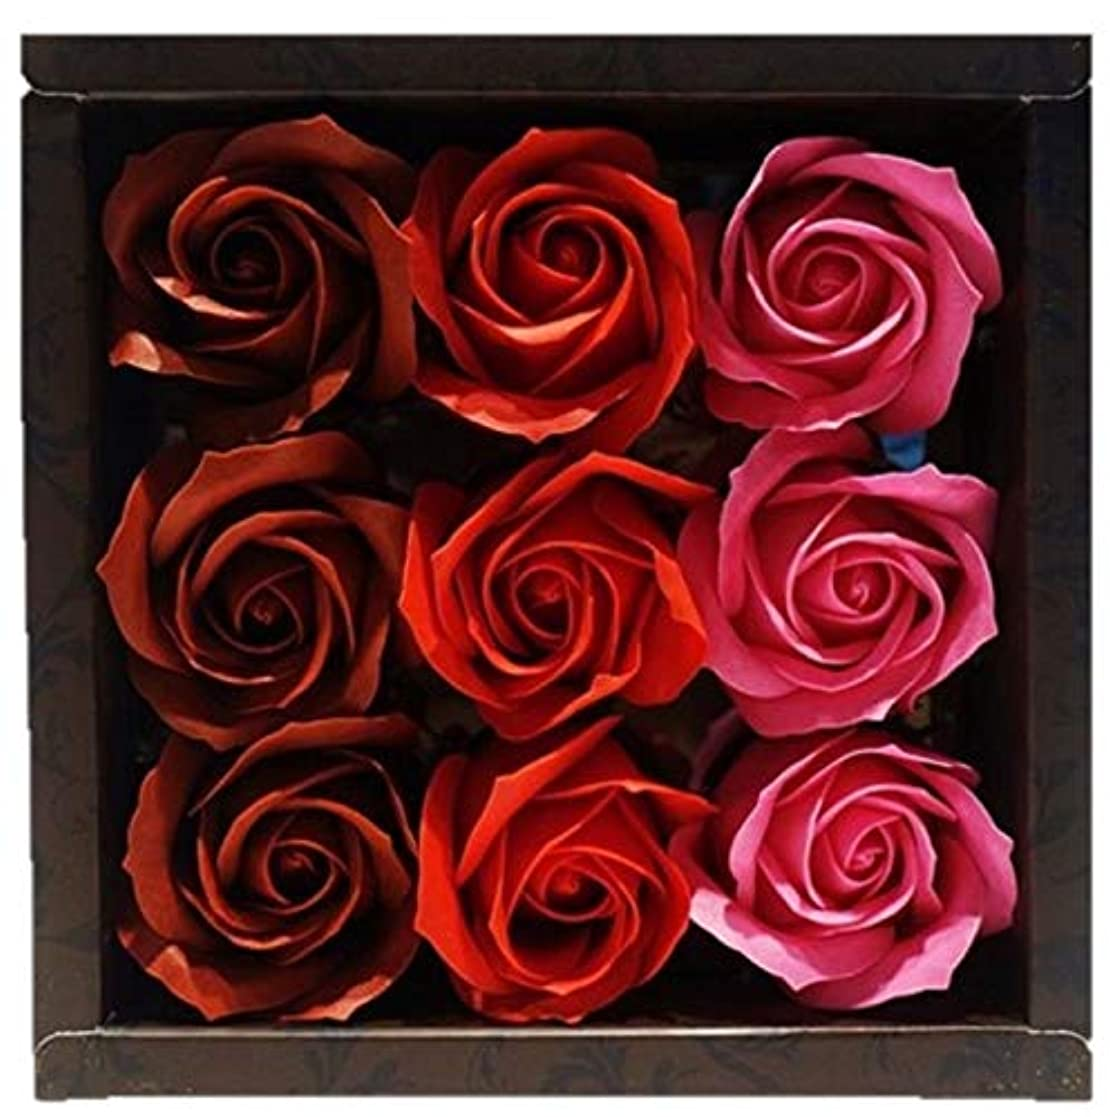 現金テメリティケープバスフレグランス バスフラワー ローズフレグランス レッドカラー お花の形の入浴剤 プレゼント ばら